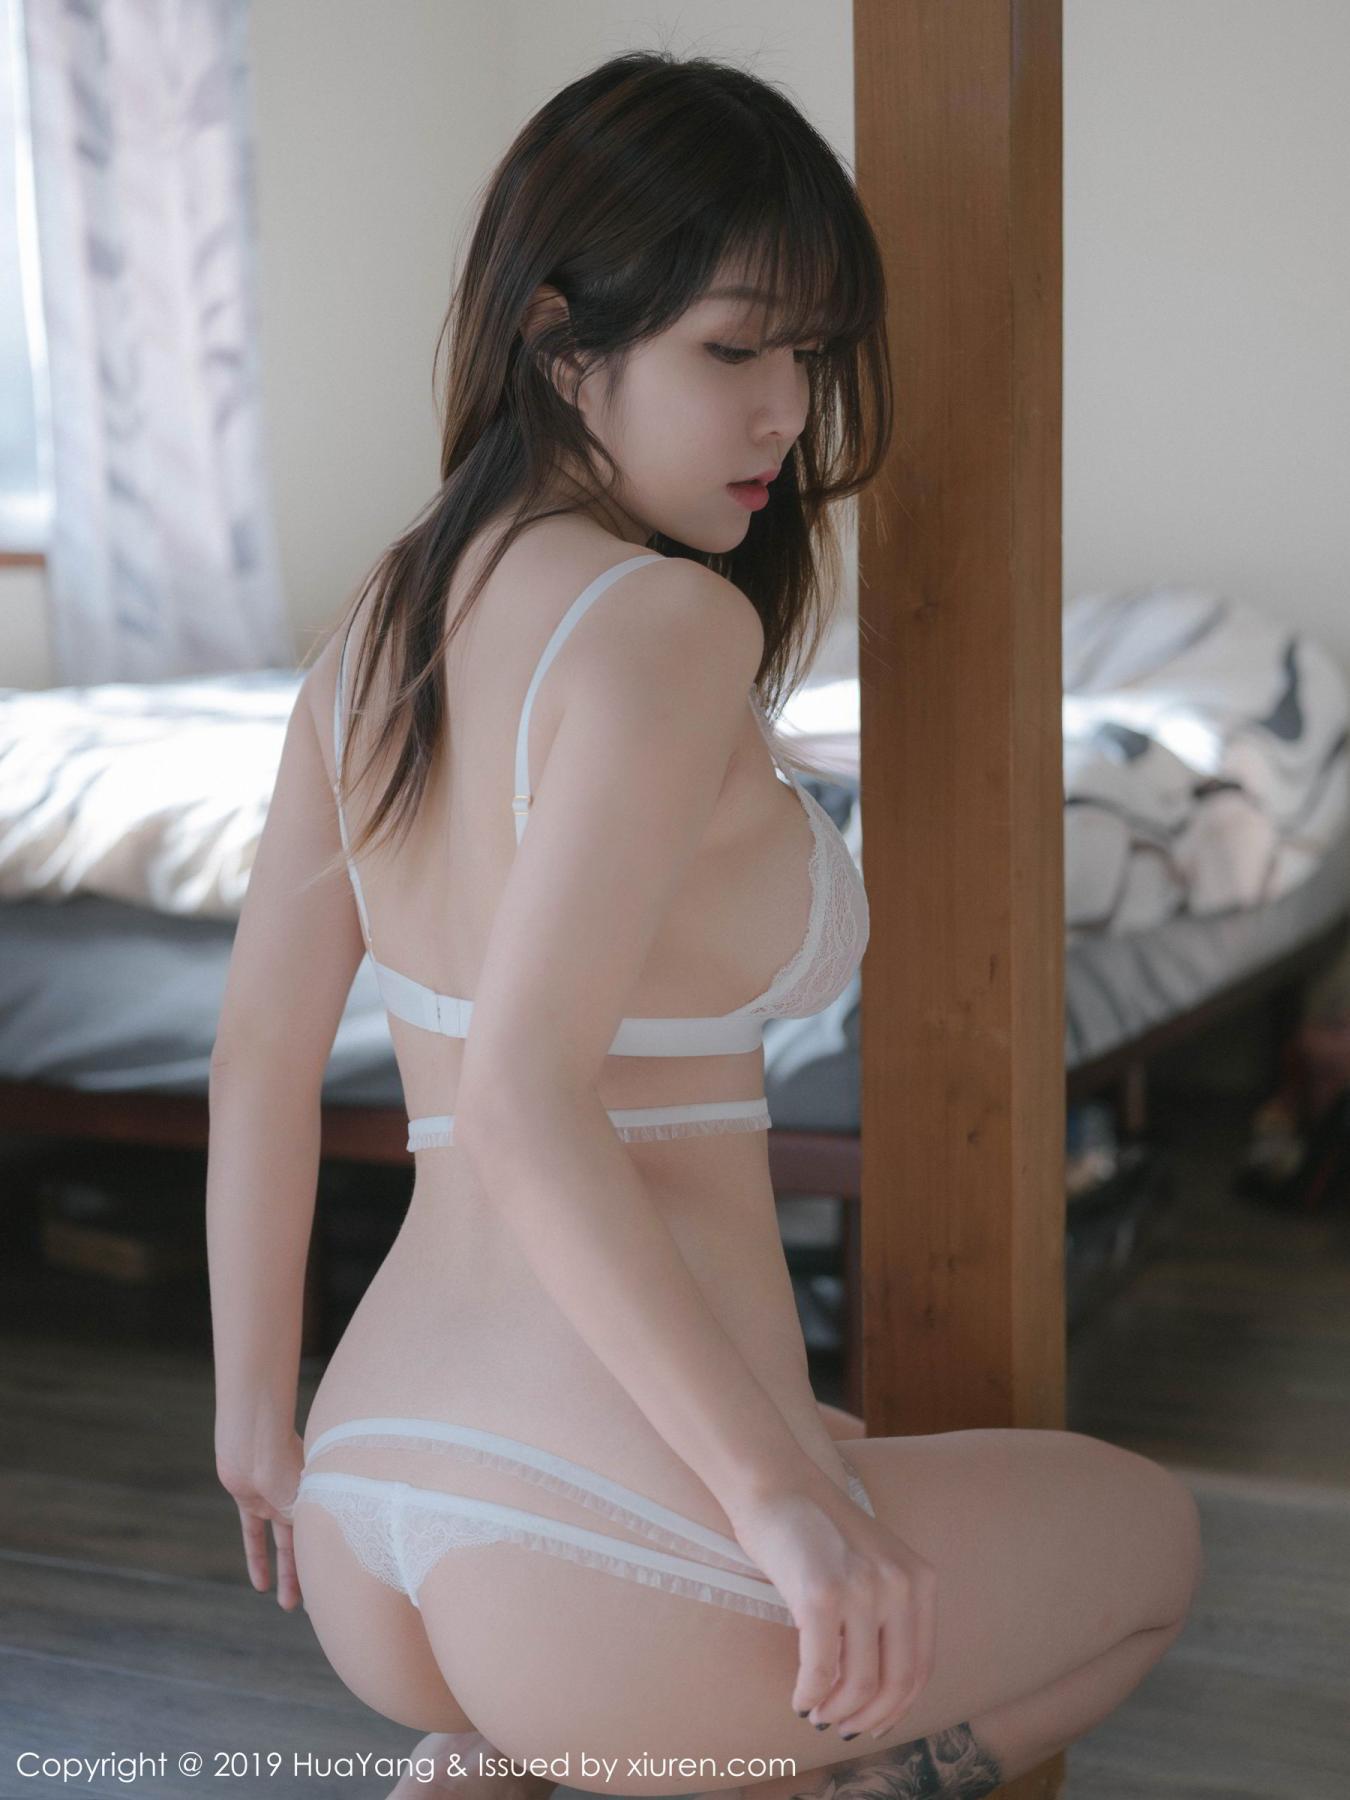 [Huayang] Vol.120 Wang Yu Chun 8P, Adult, Big Booty, HuaYang, Underwear, Wang Yu Chun